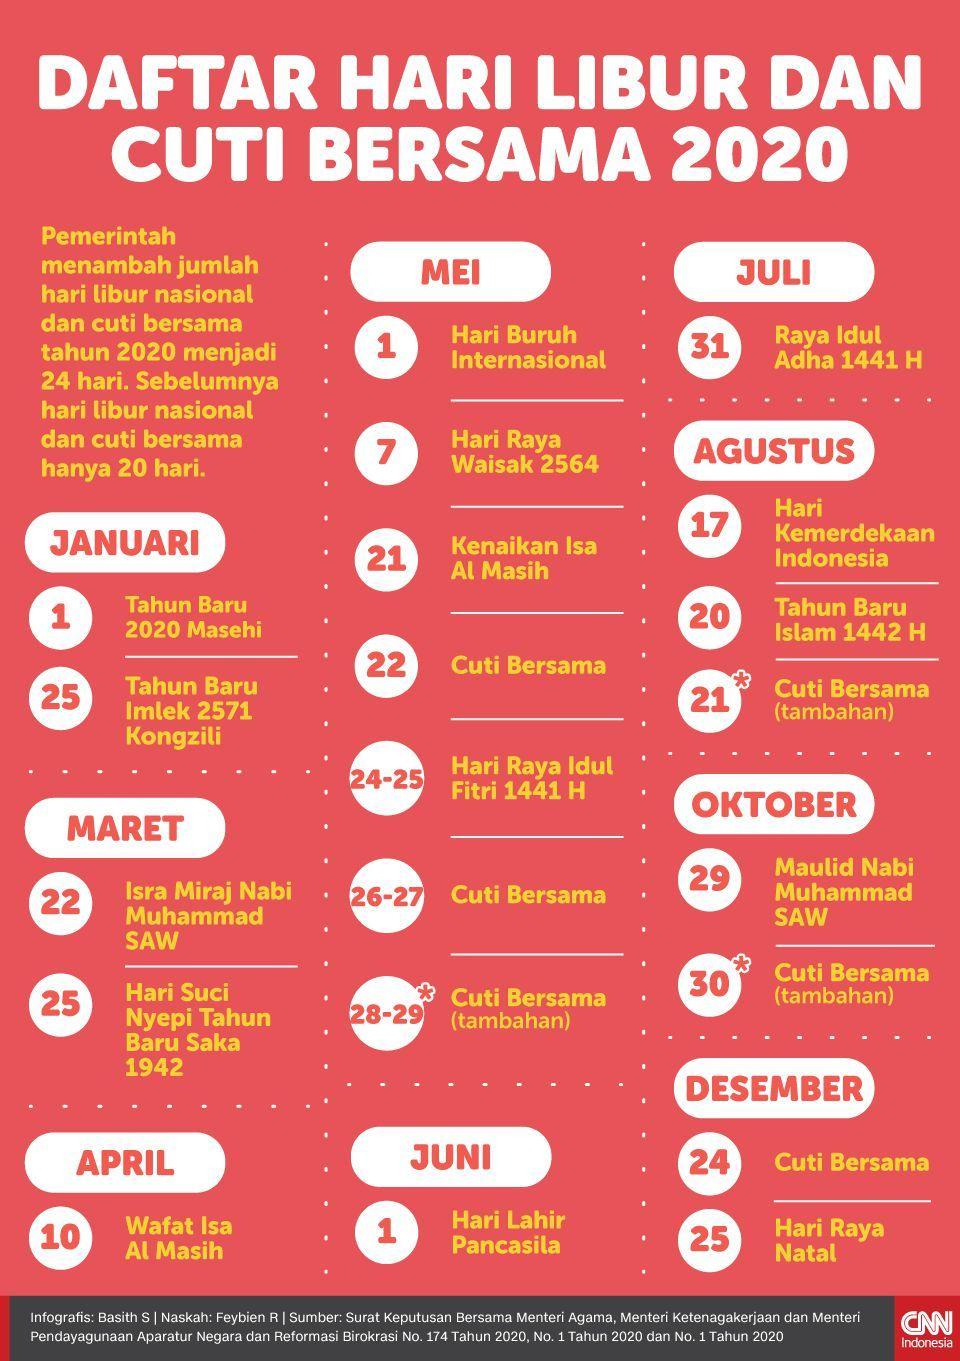 Infografis Daftar Hari Libur dan Cuti Bersama 2020